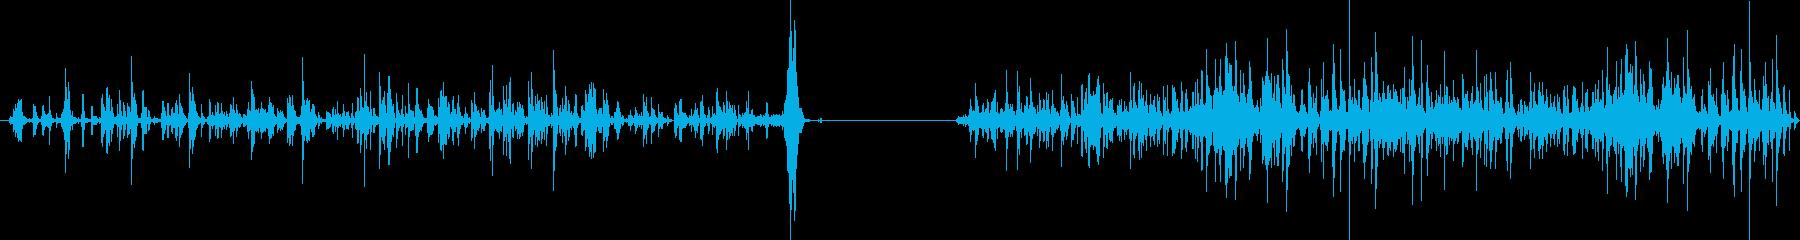 チェーンラトル、2つのバージョン;...の再生済みの波形